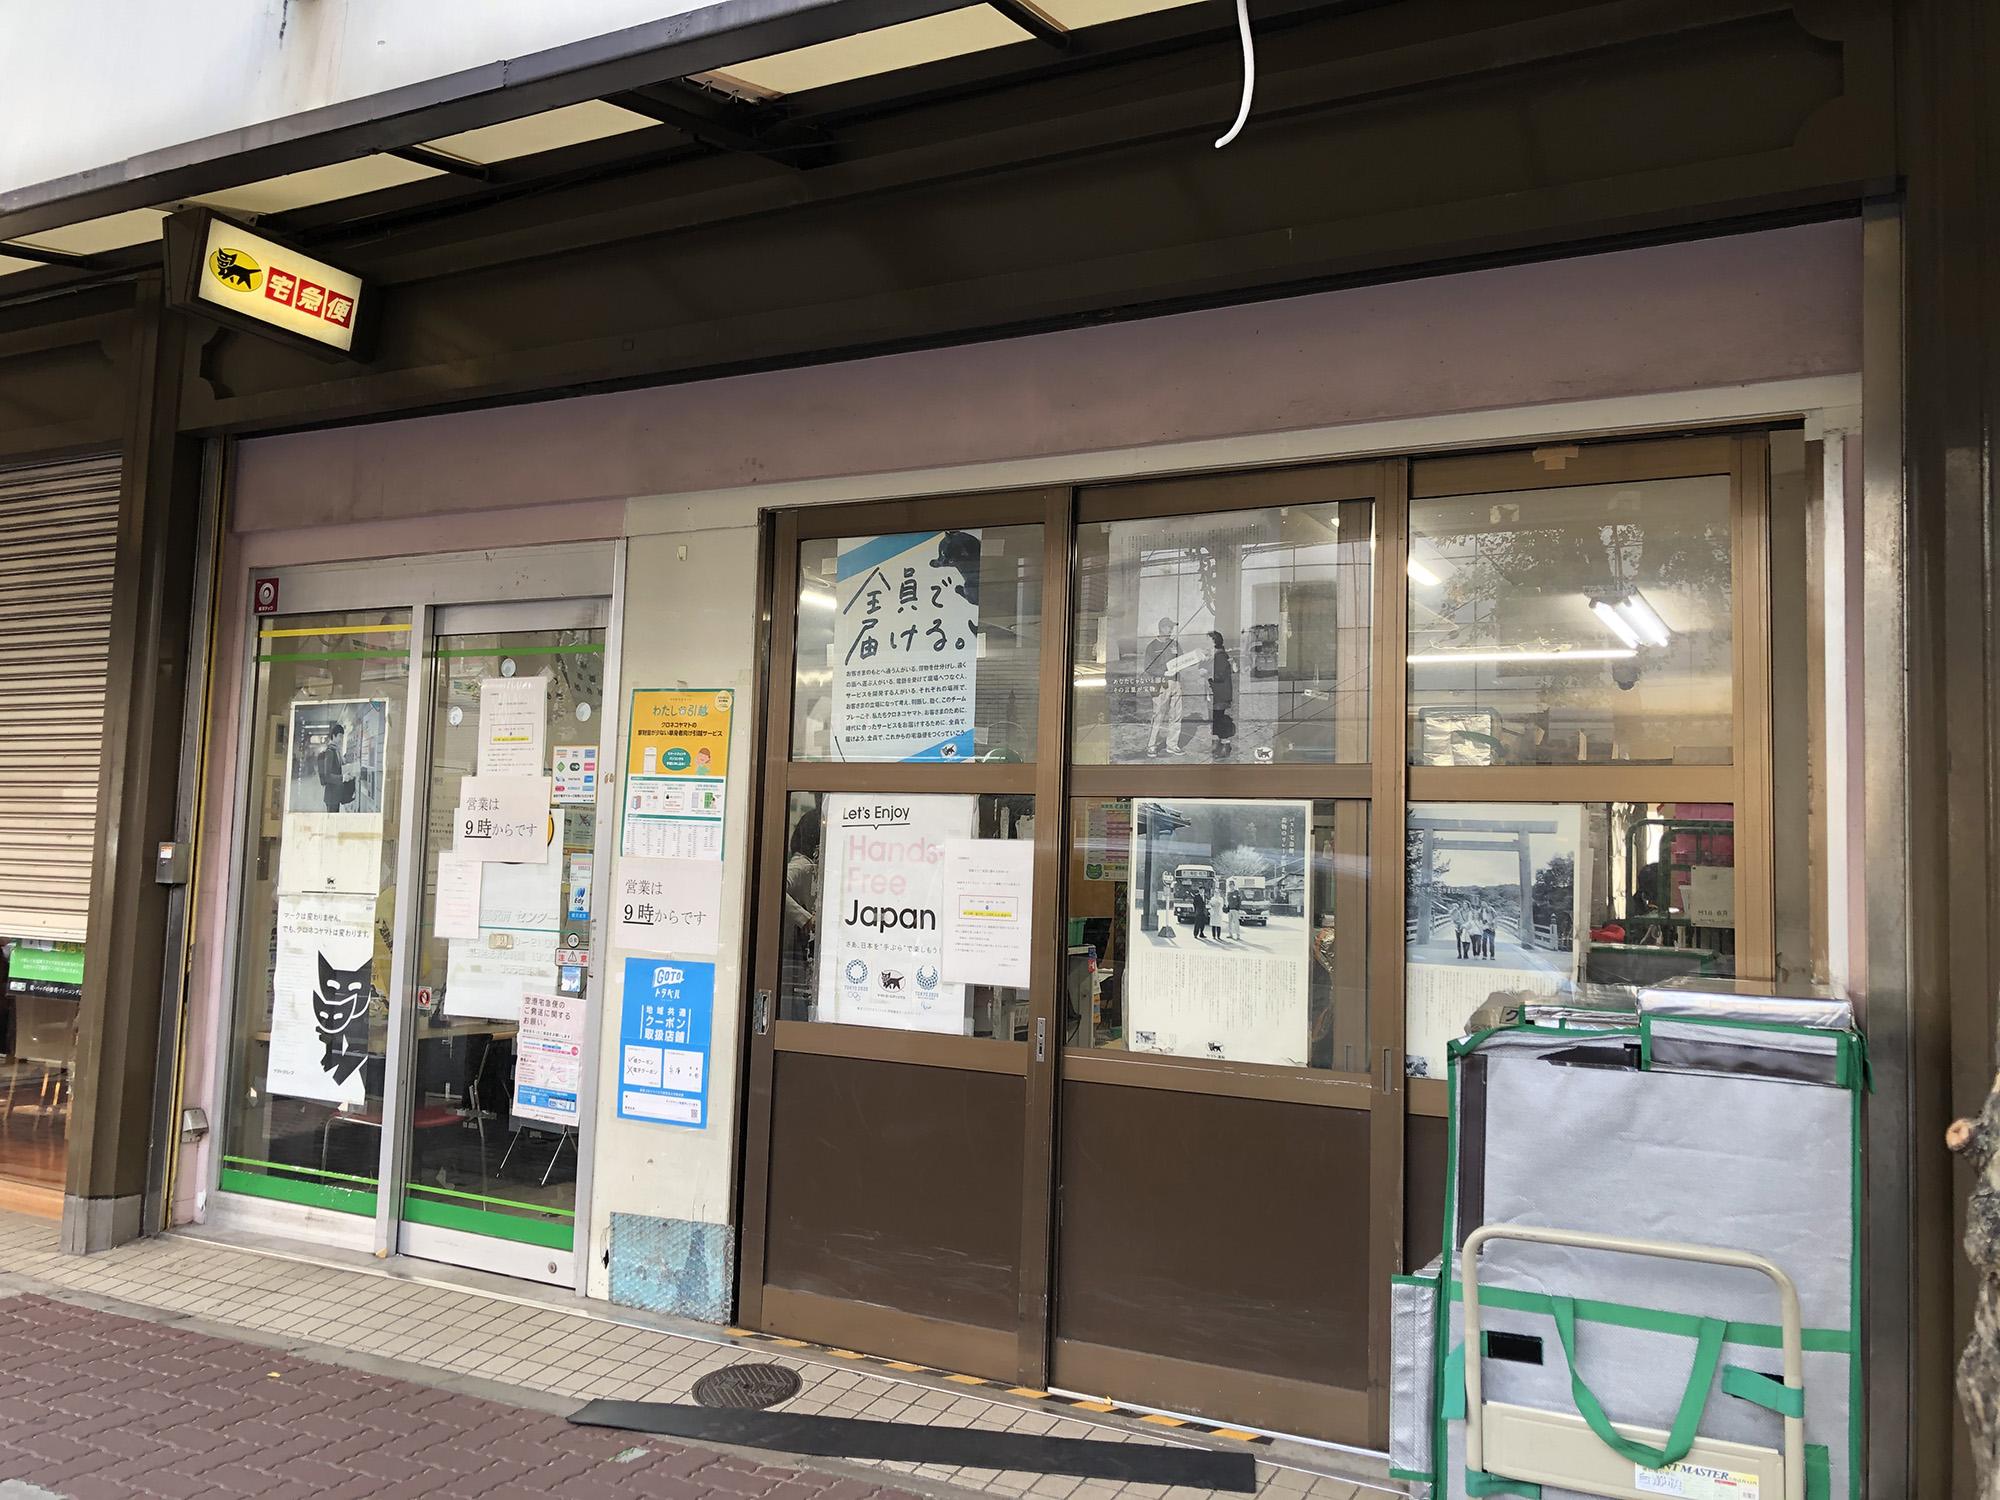 ヤマト運輸 芦屋駅前センター